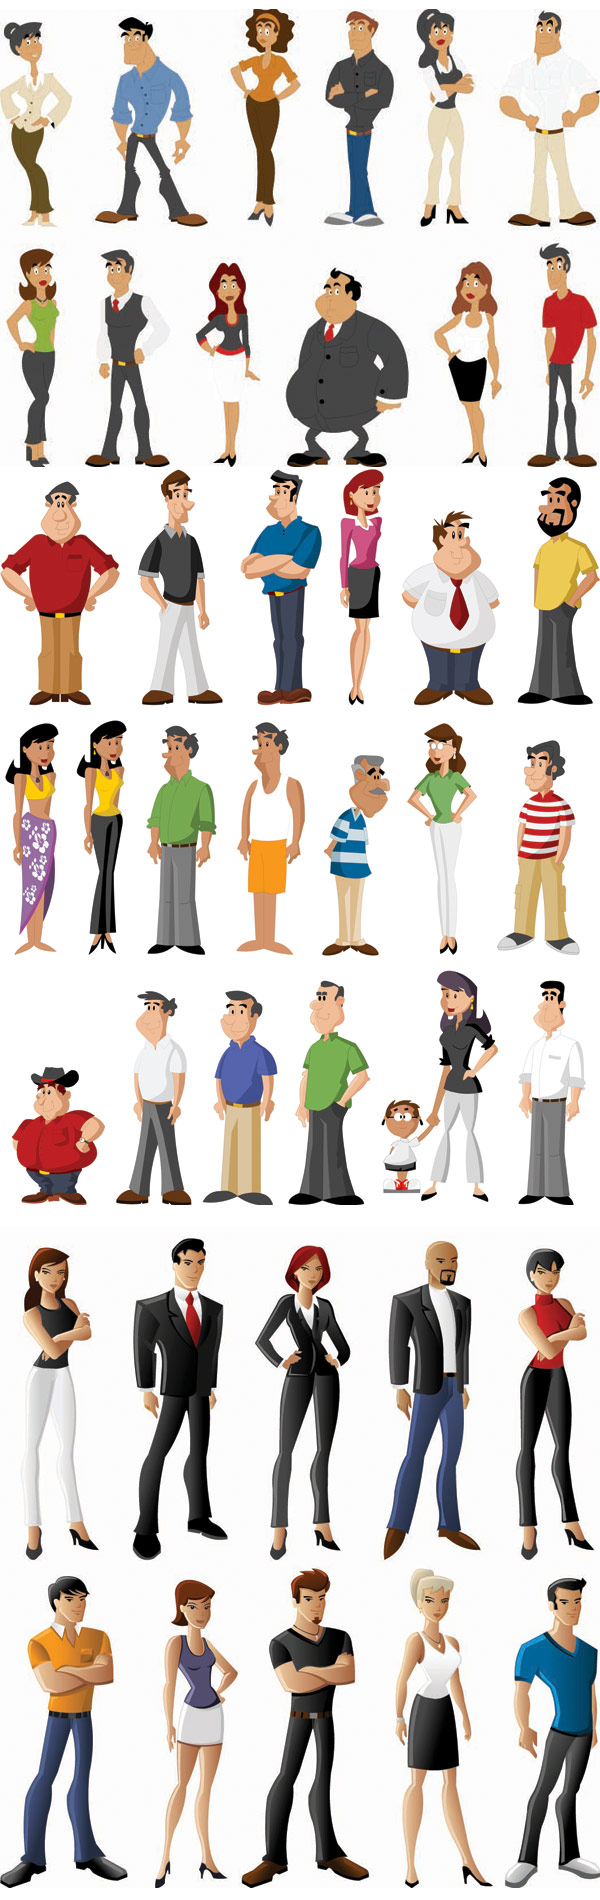 Todo tipo de personajes de dibujos animados - Vector